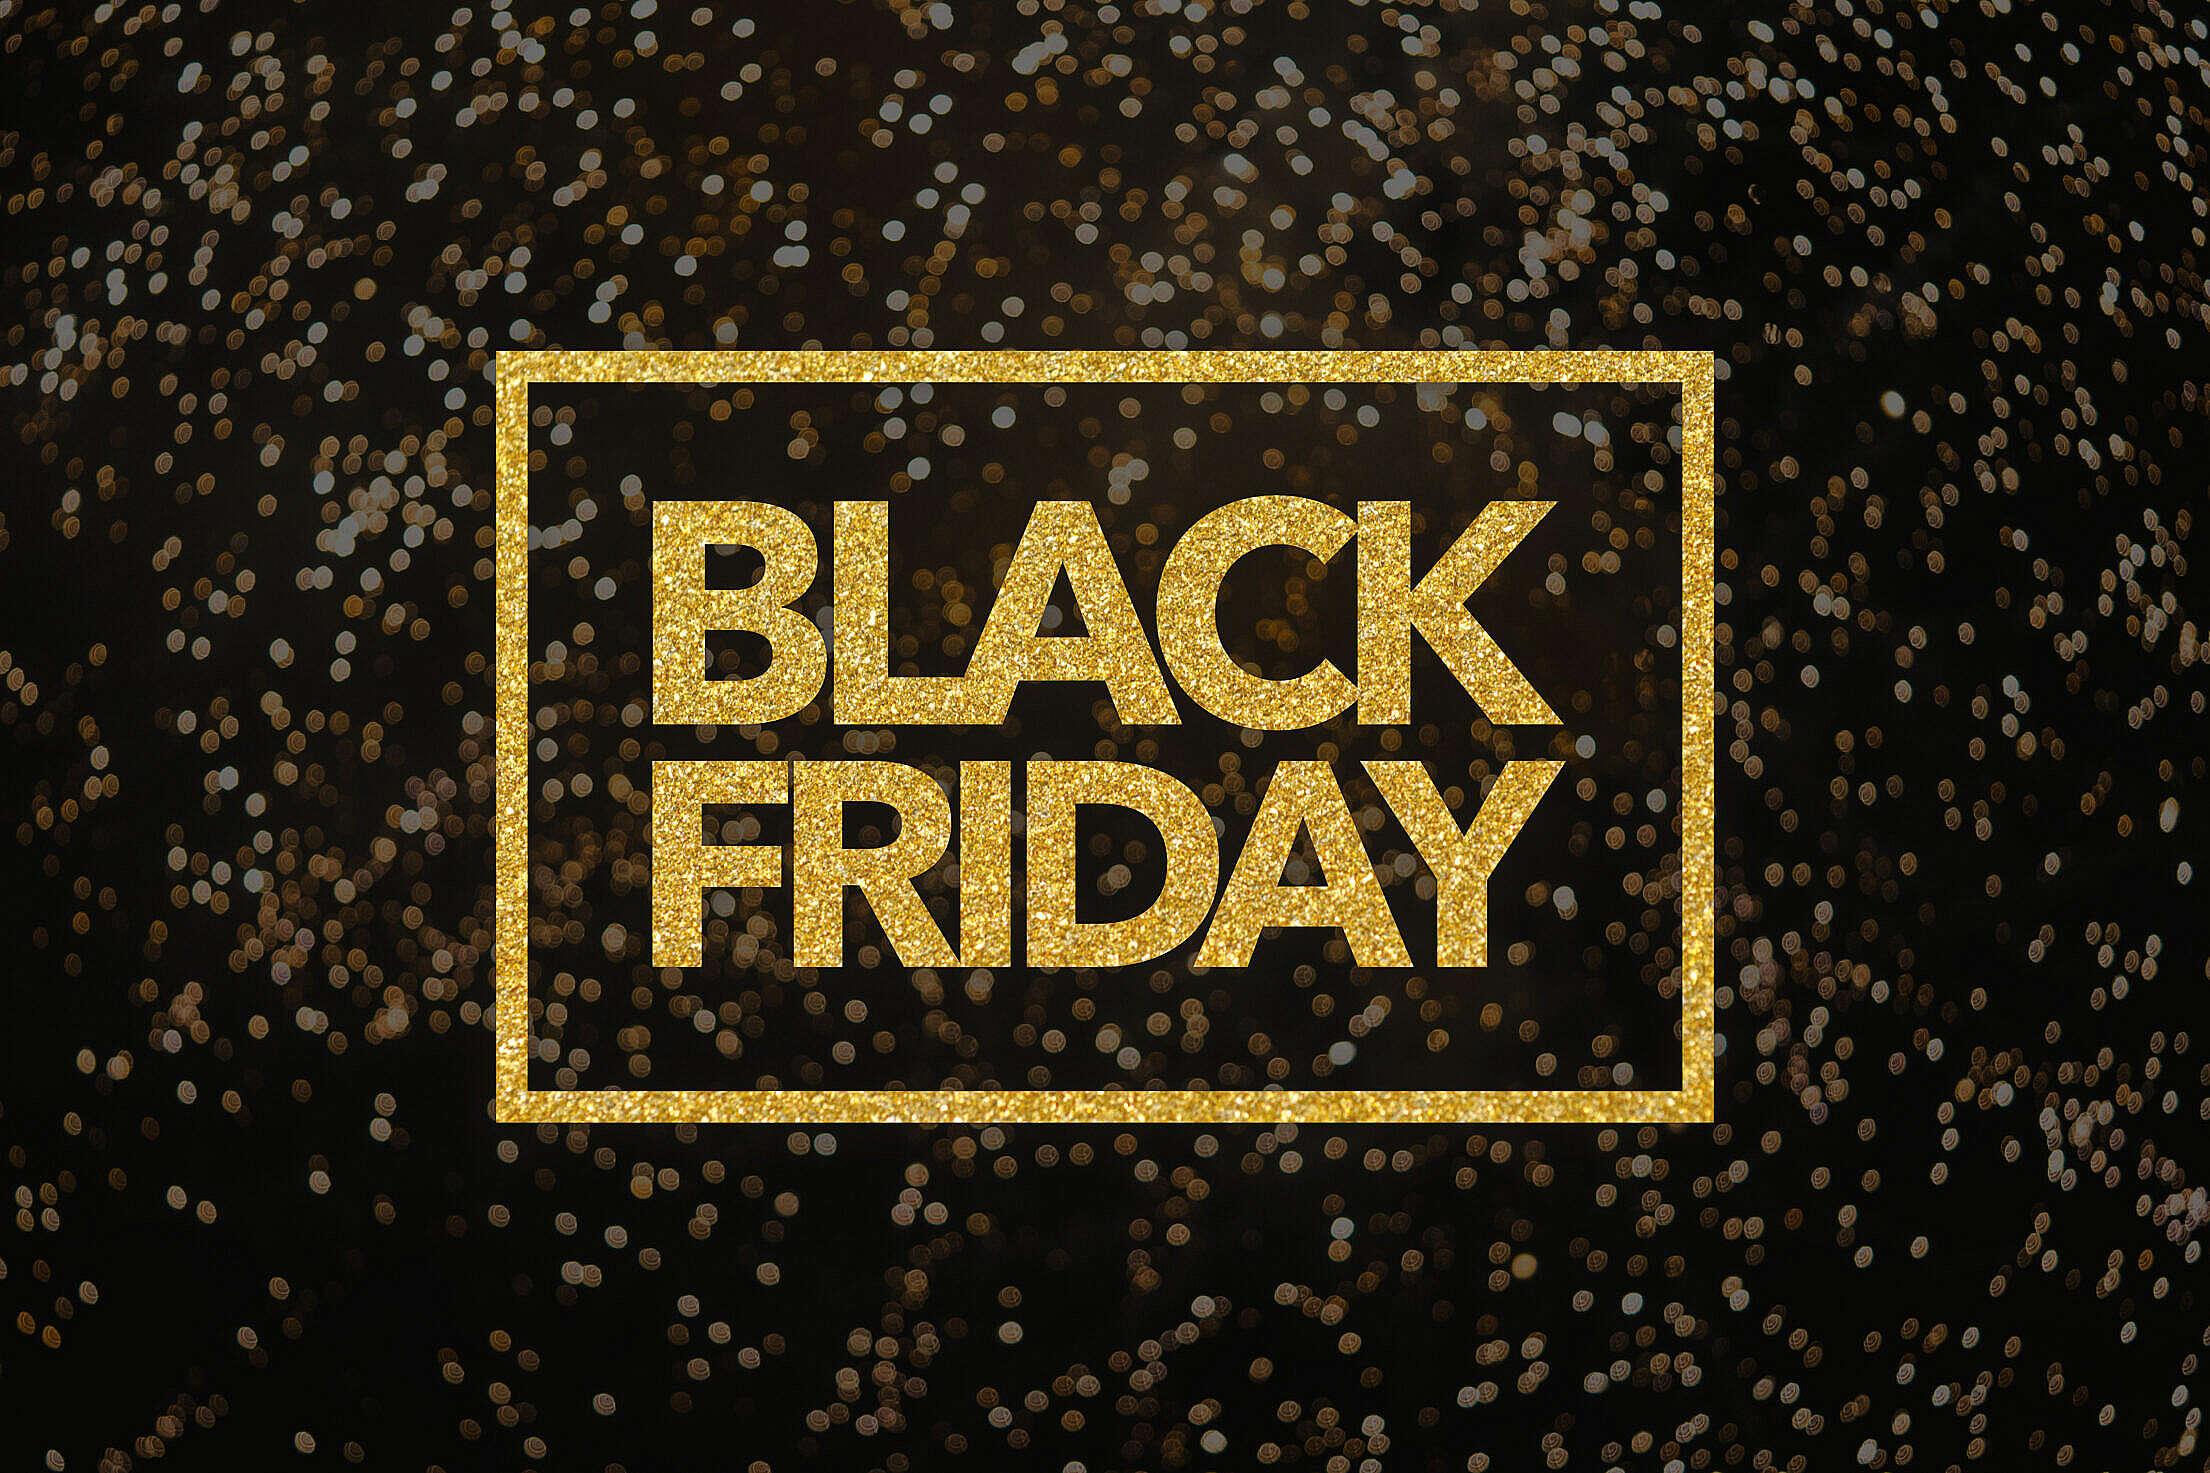 Black Friday Lettering Golden Glitter Free Stock Photo